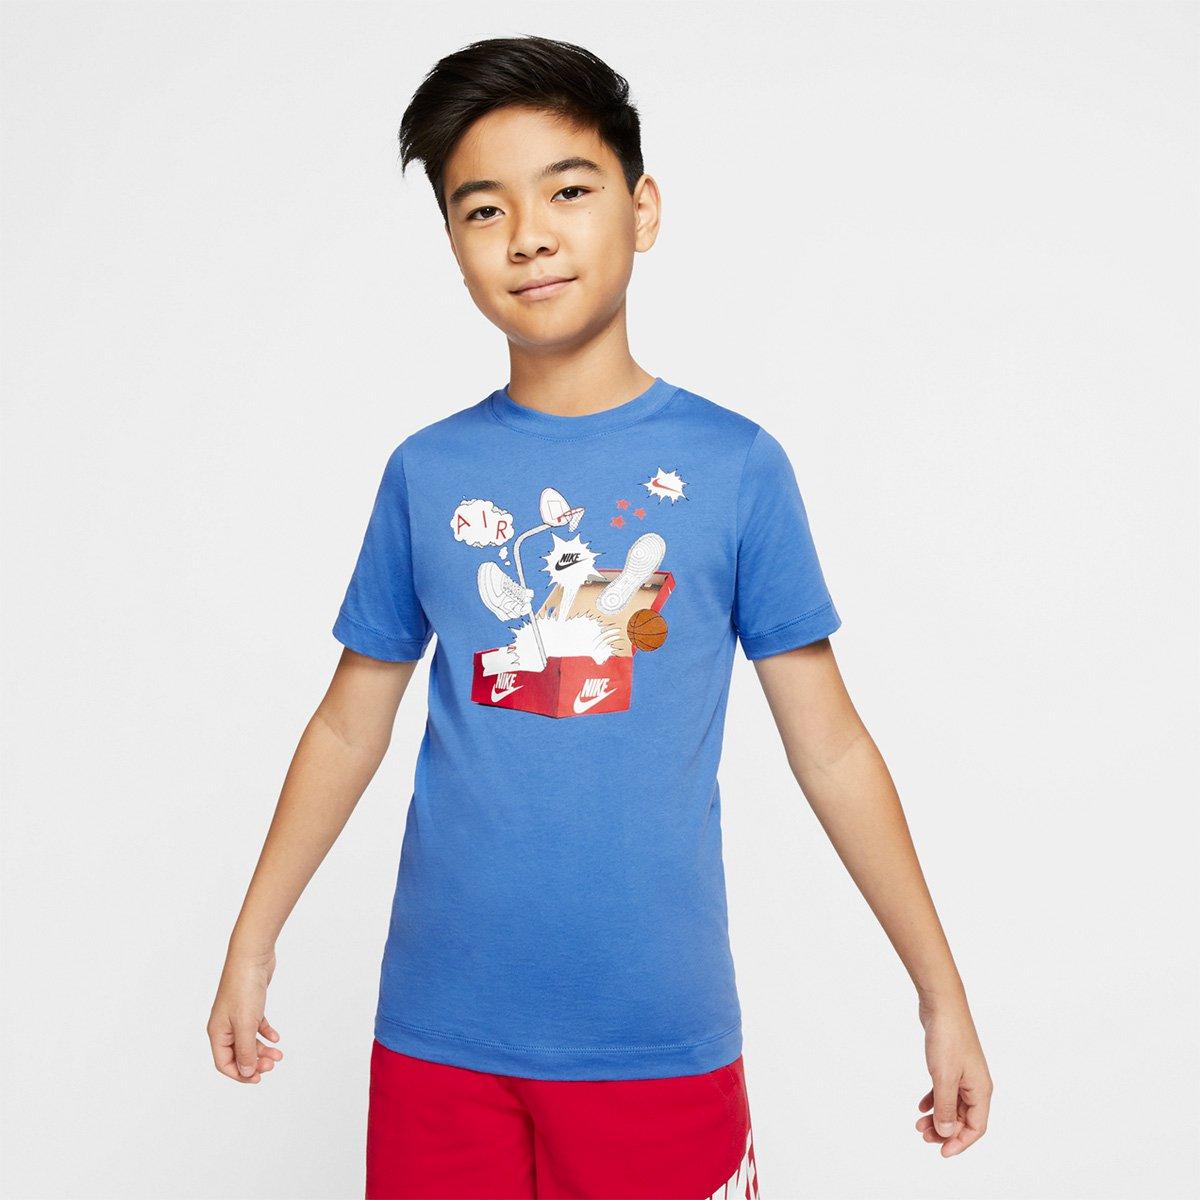 Camiseta Infantil Nike Shoebox Masculina